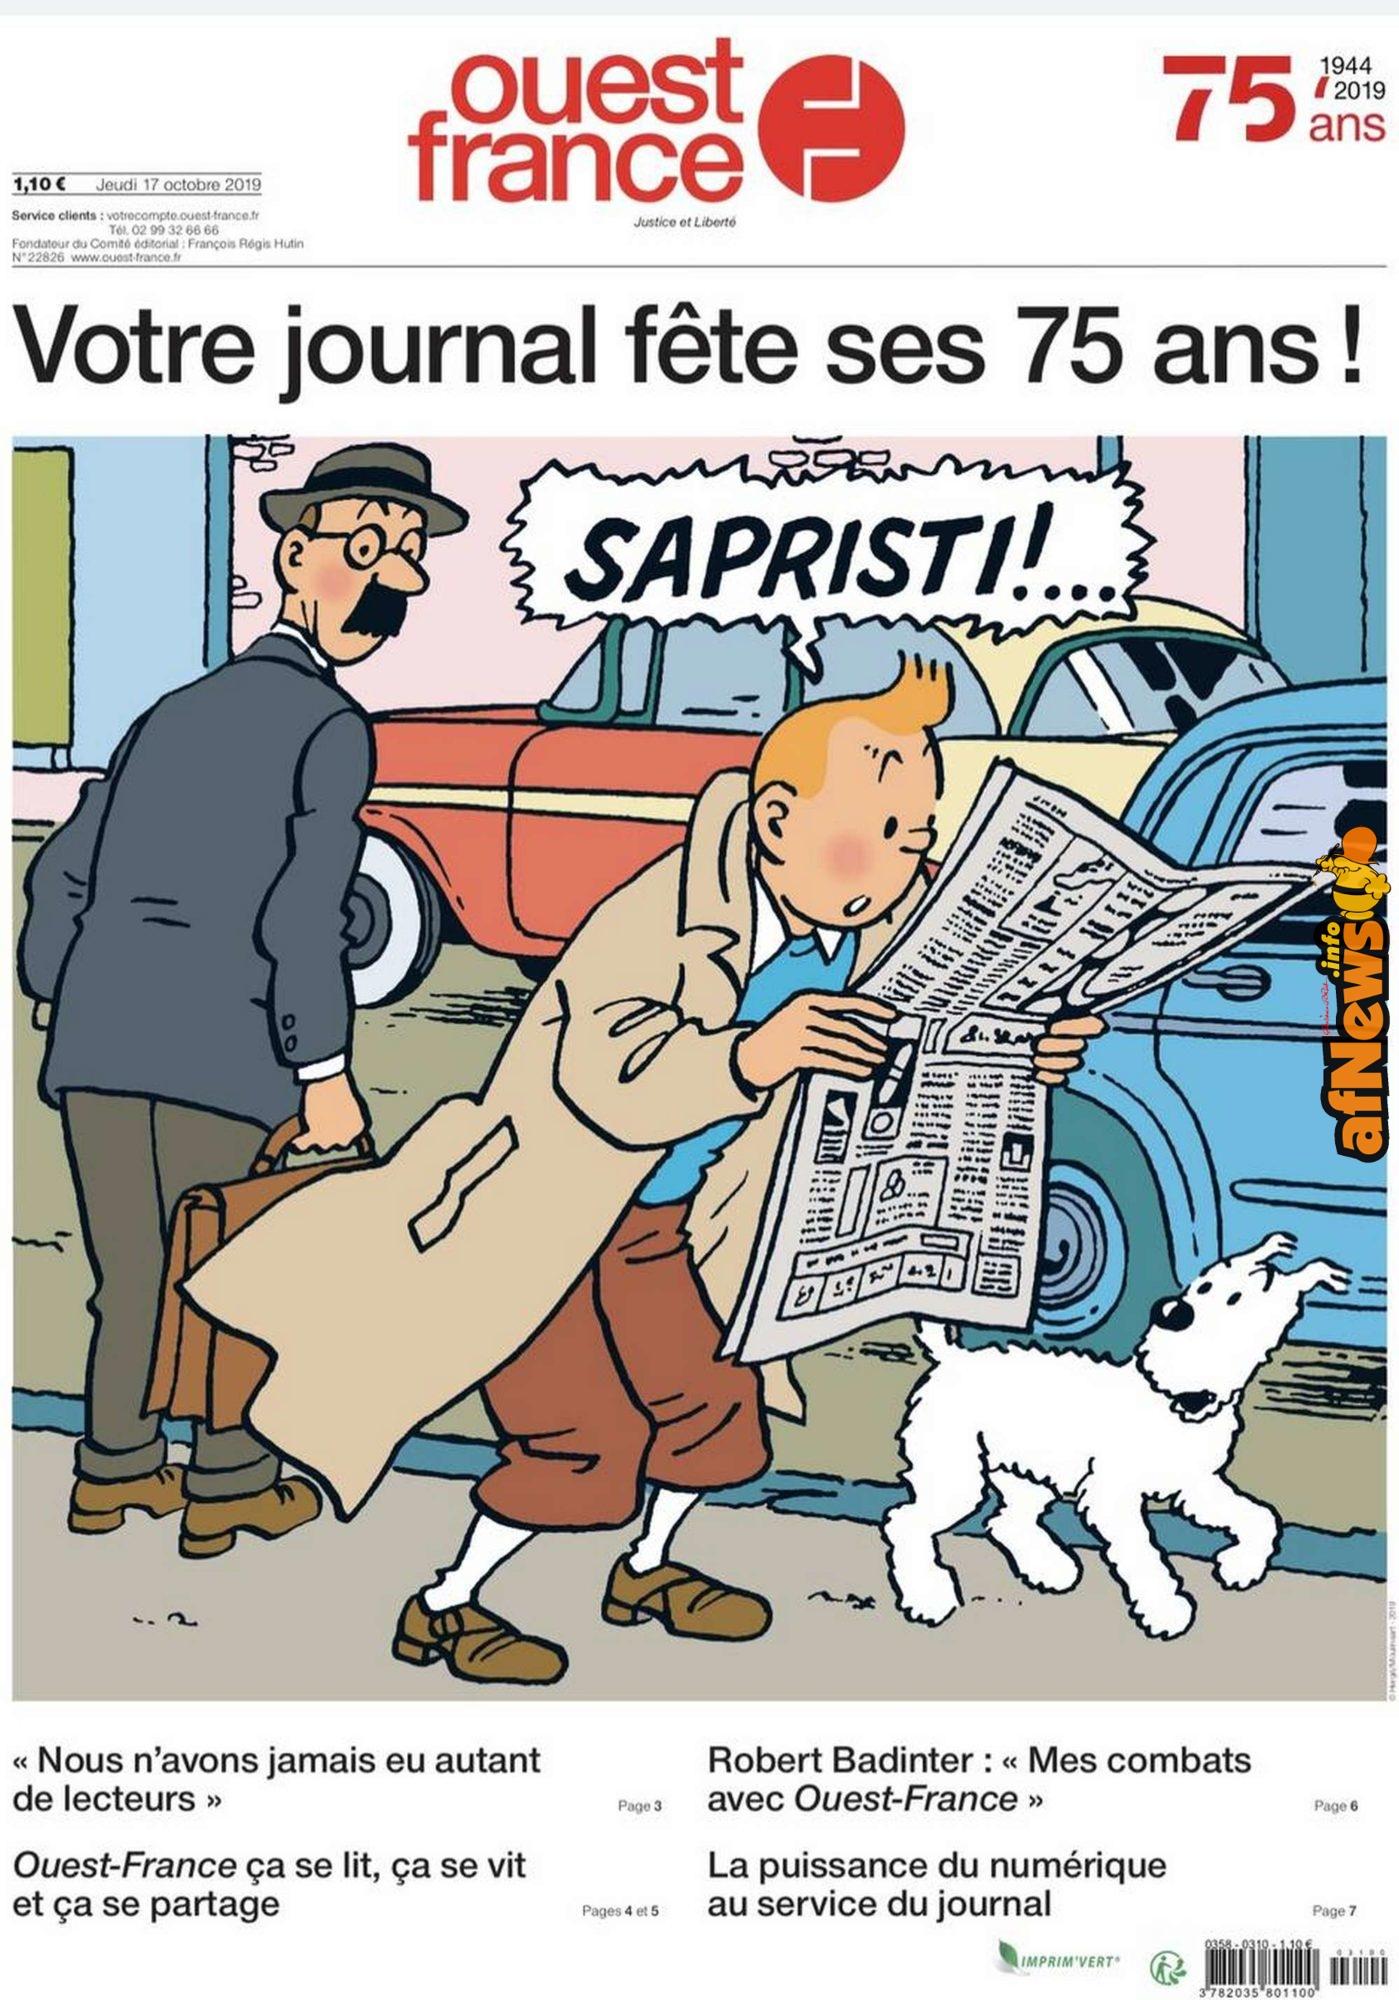 Il quotidiano Ouest-France festeggia i propri 75 anni con Tintin! - afnews.info